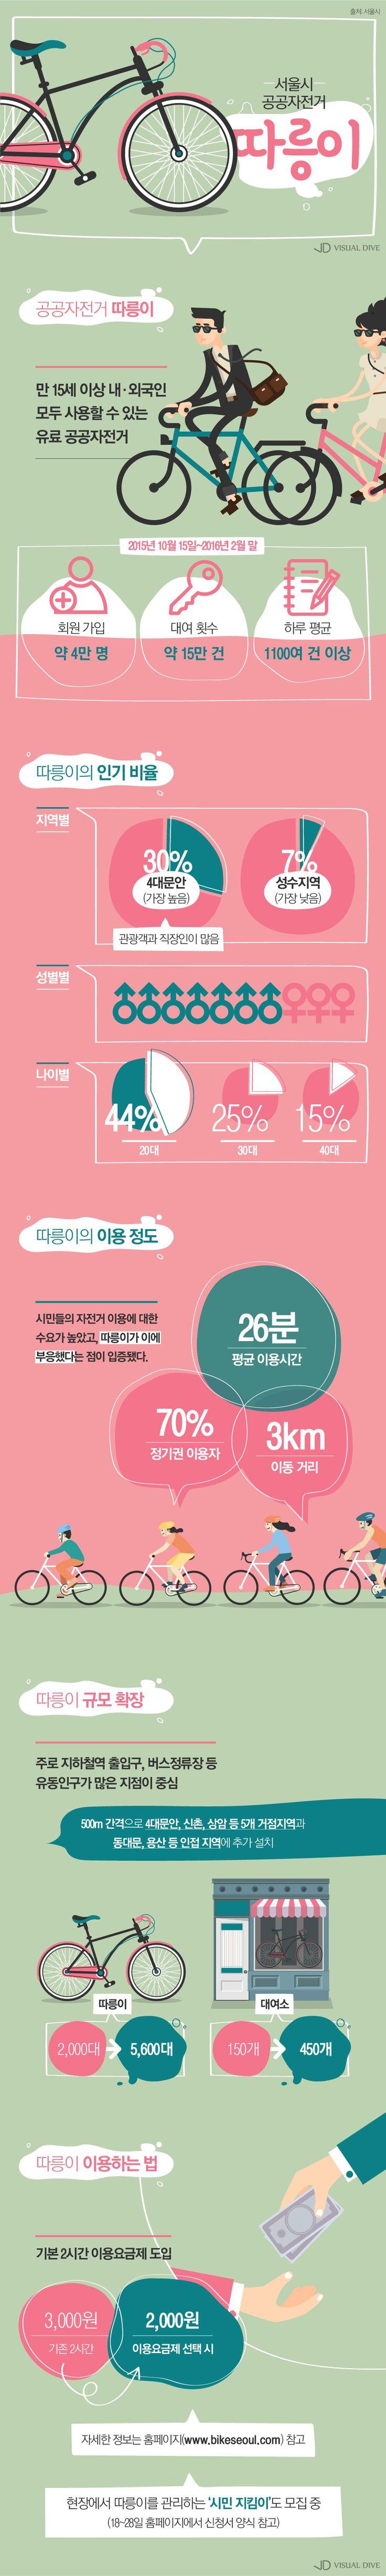 서울시 공공자전거 '따릉이' 대여 방법은? [인포그래픽] | VISUAL DIVE